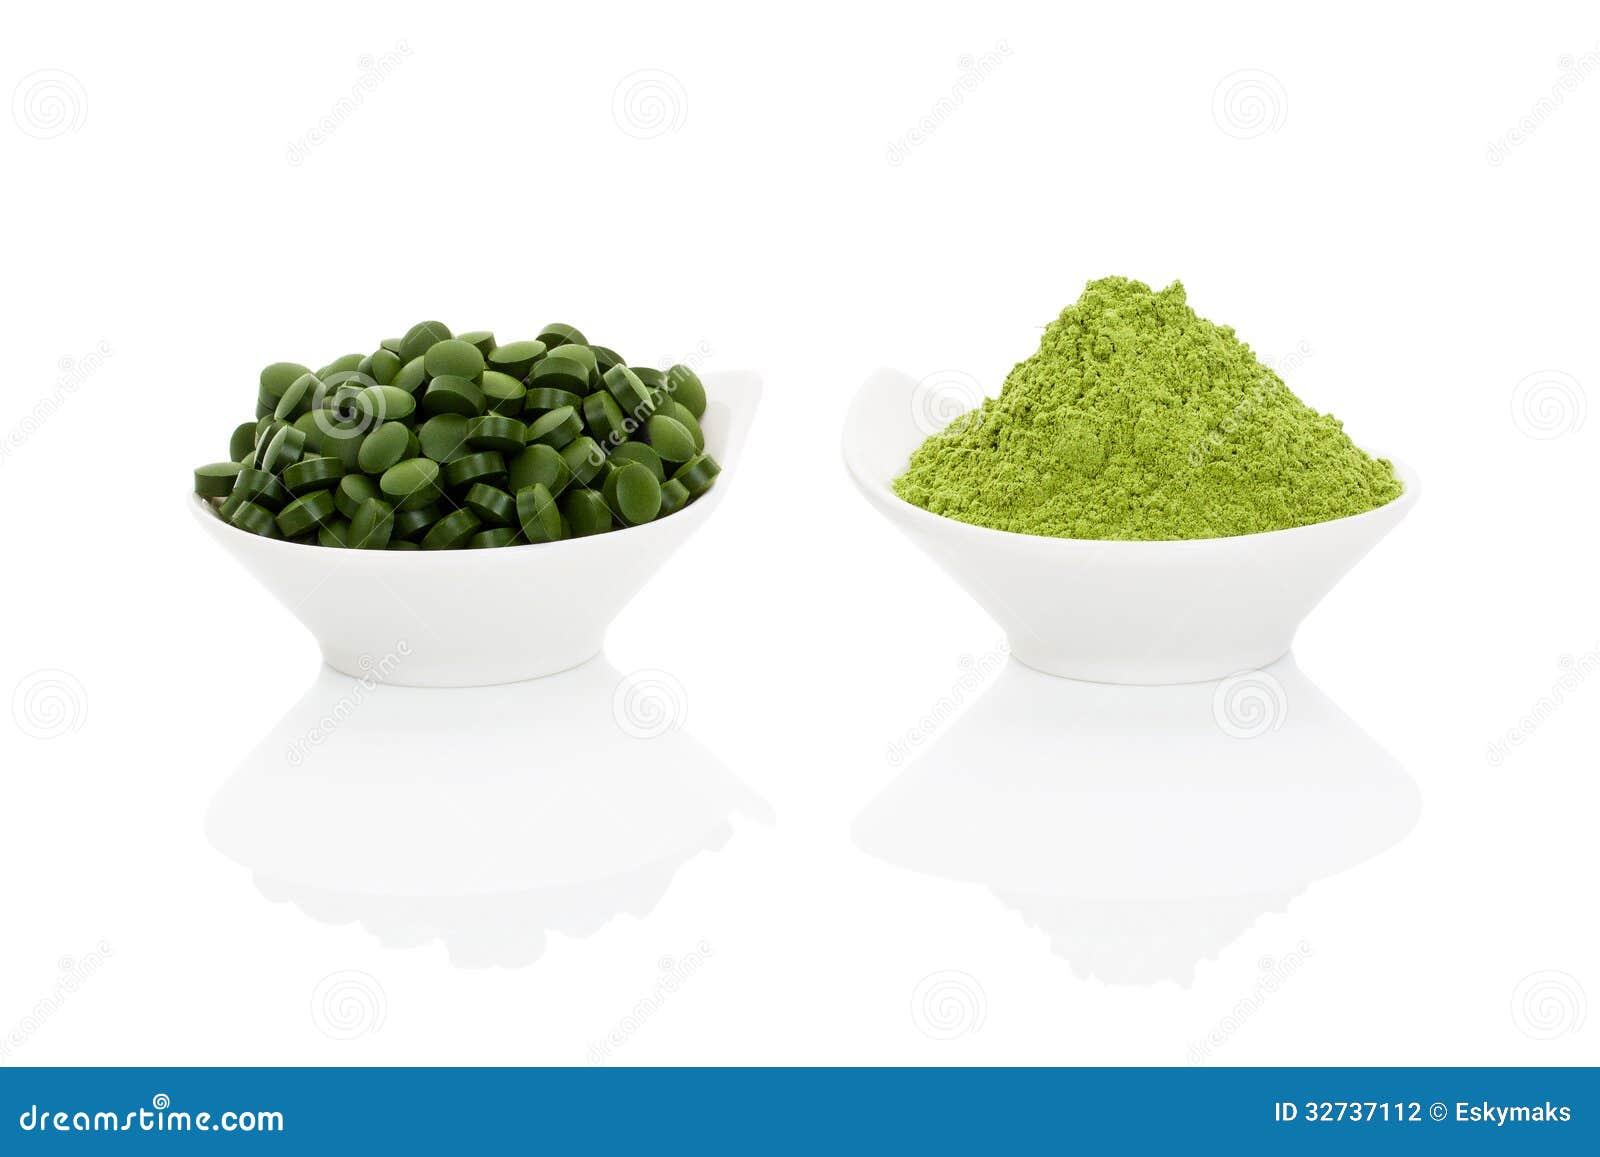 Spirulina Raw Food Diet